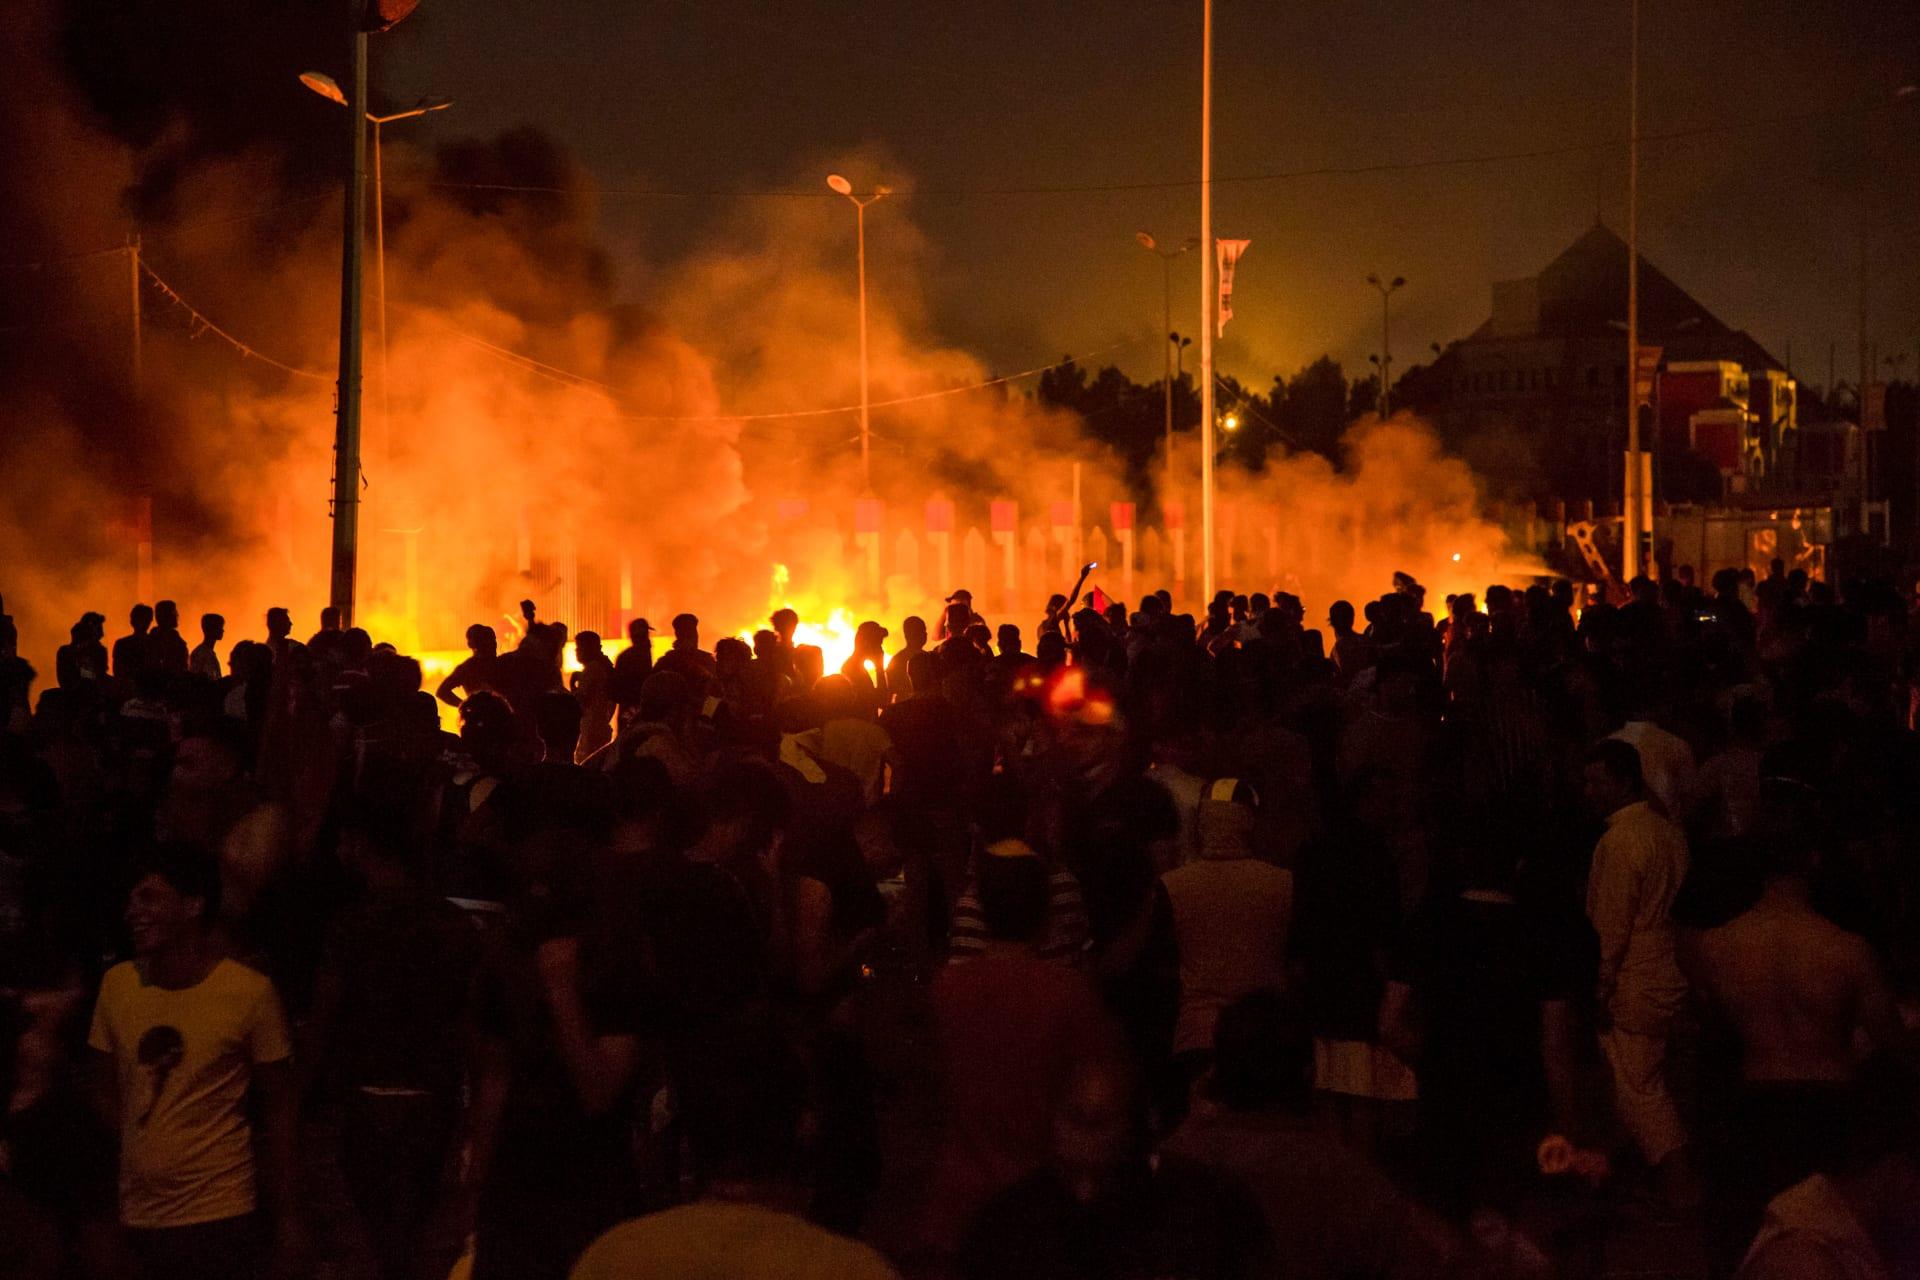 فيديو لسيارة تابعة لقوات الأمن تدهس المتظاهرين في البصرة